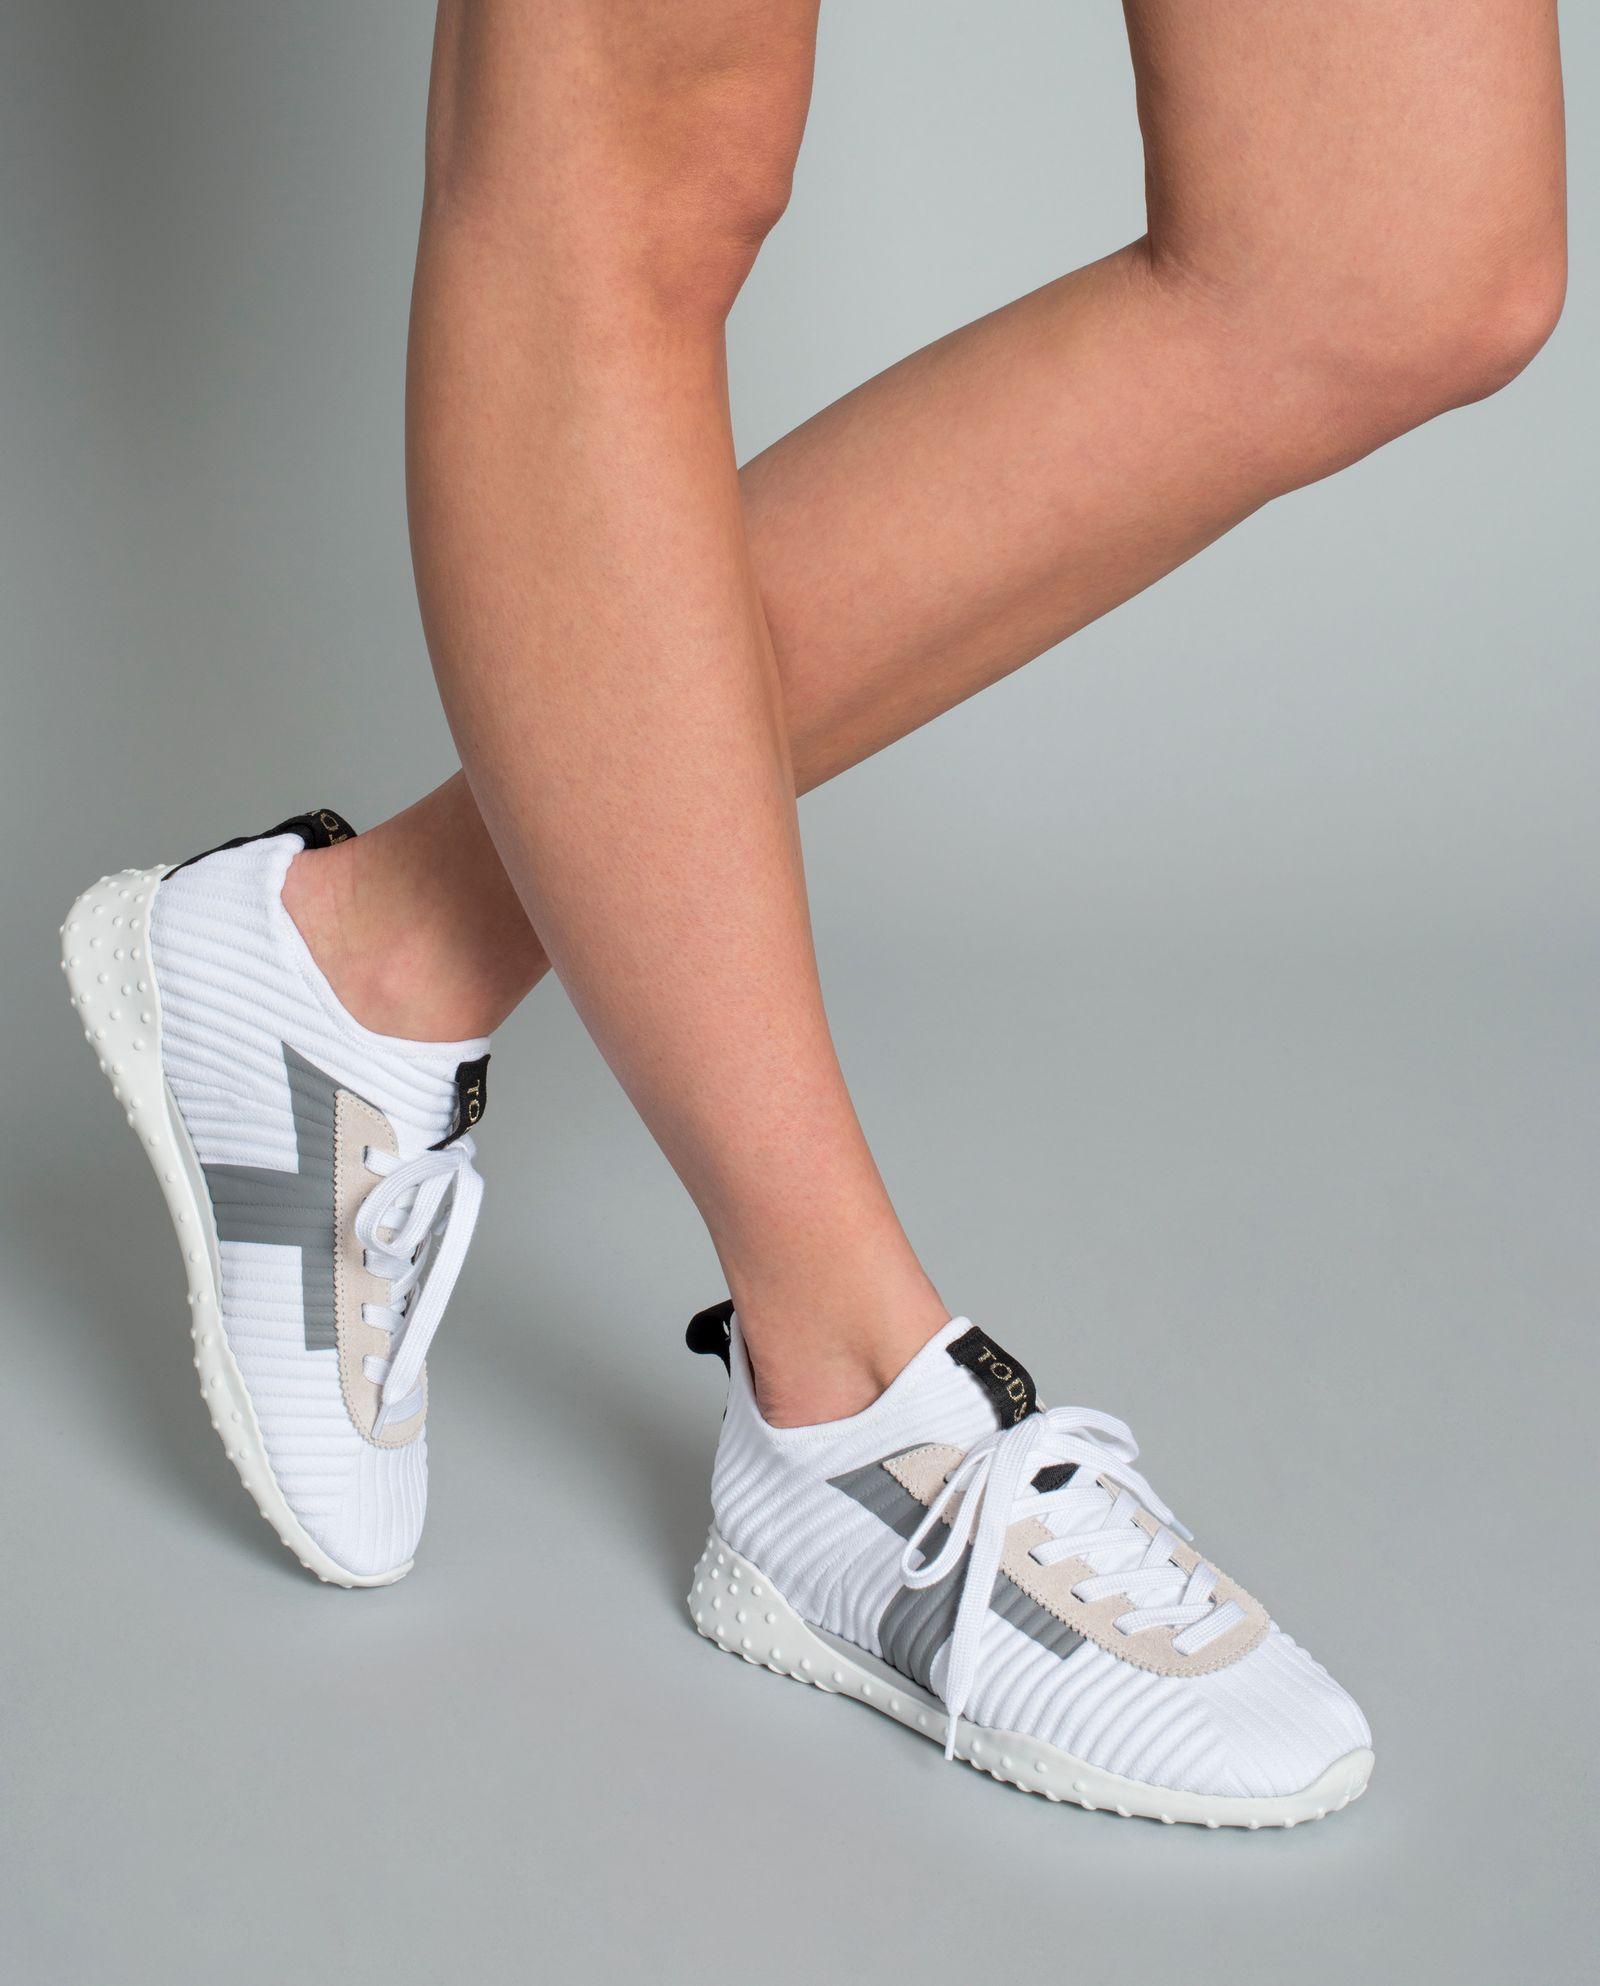 Sneakersy s t TOD S – Kup teď! Nejlepší ceny a recenze! Obchod Moliera2.cz. b7f747feb8